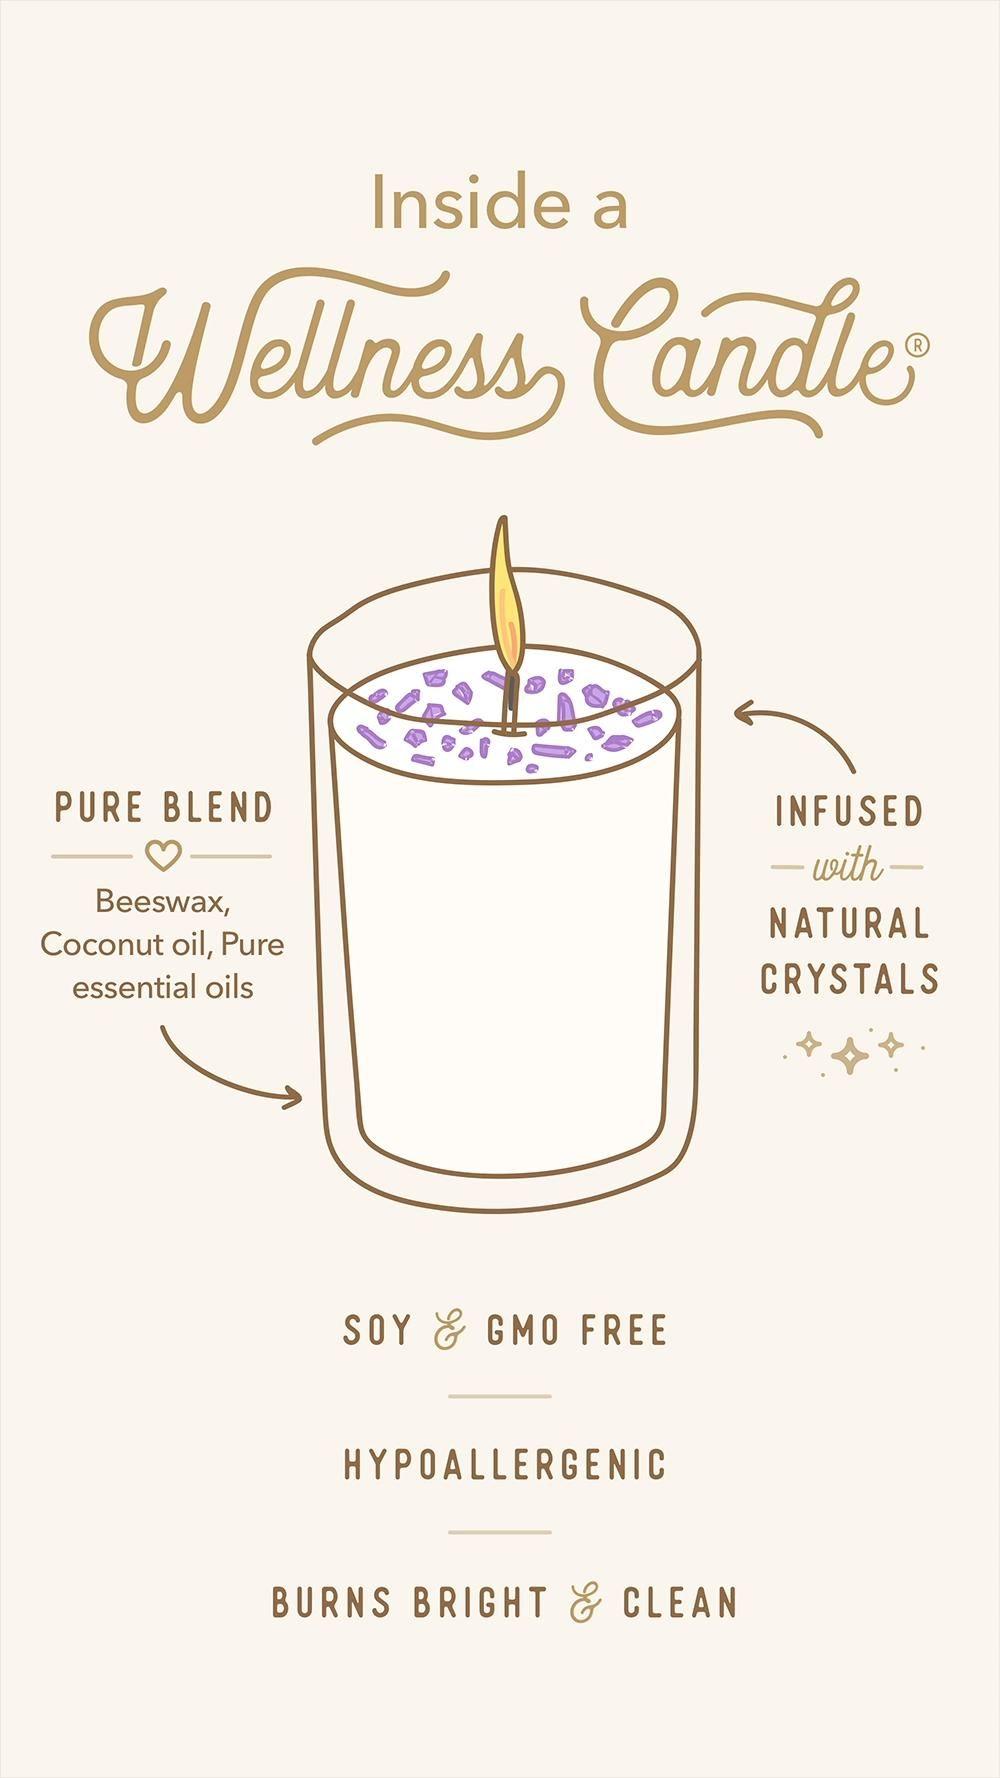 Inside a Wellness Candle®